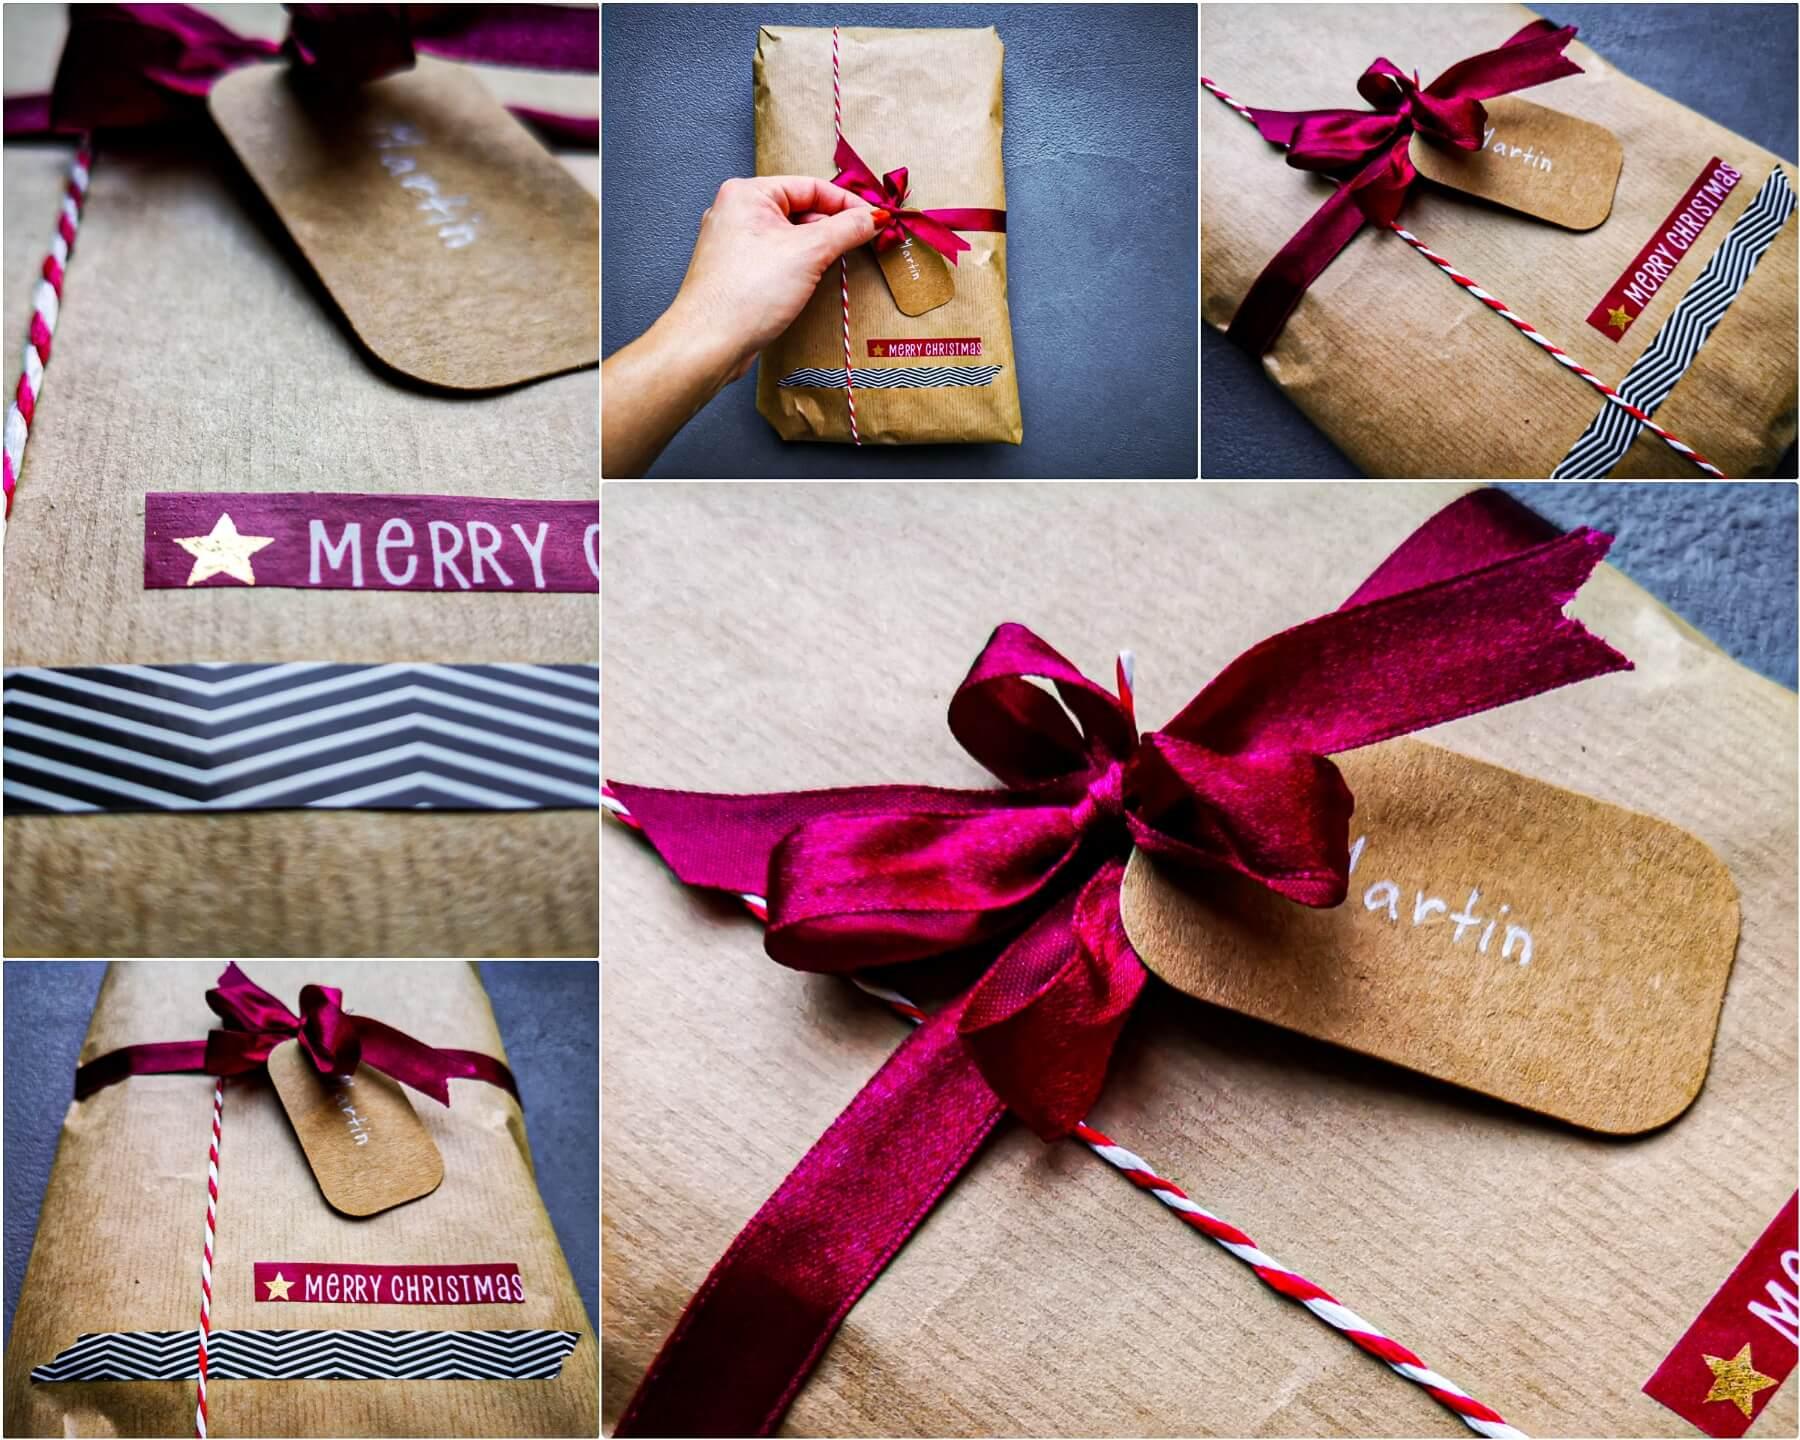 inCollage 20191209 203406465 1 resized 20191215 064633301 - 11 tipov ako zabaliť vianočné darčeky originálne a kreatívne